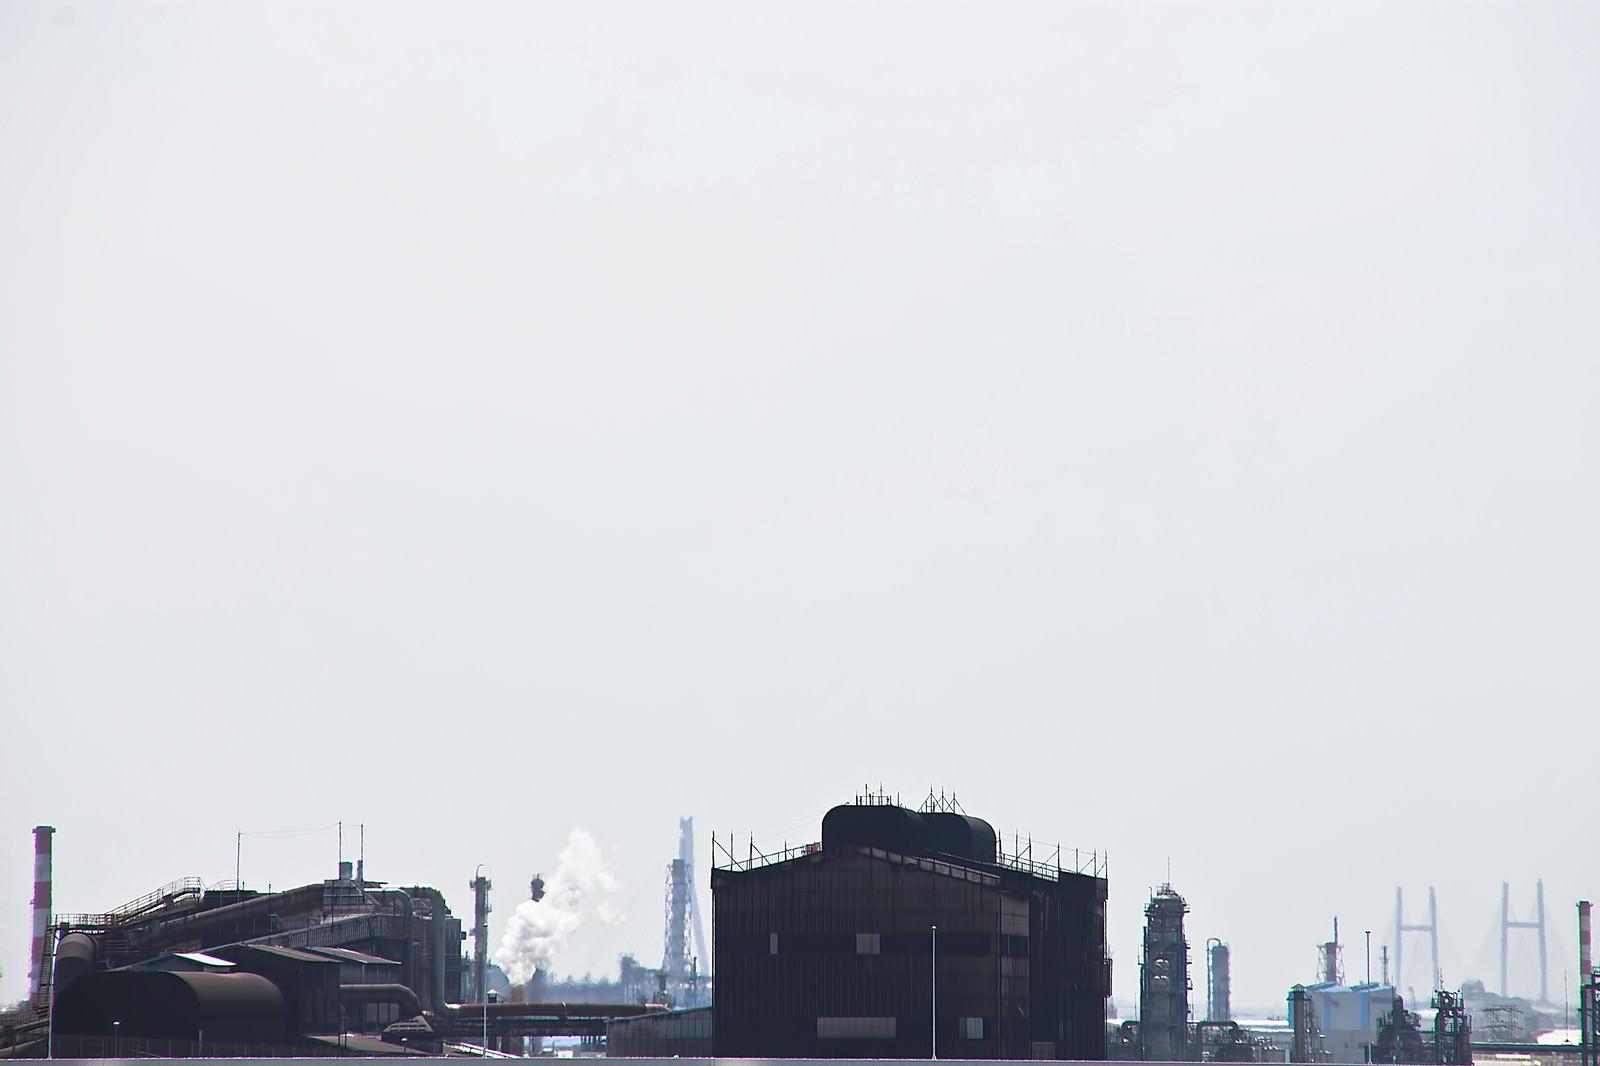 「工業地帯の工場工業地帯の工場」のフリー写真素材を拡大